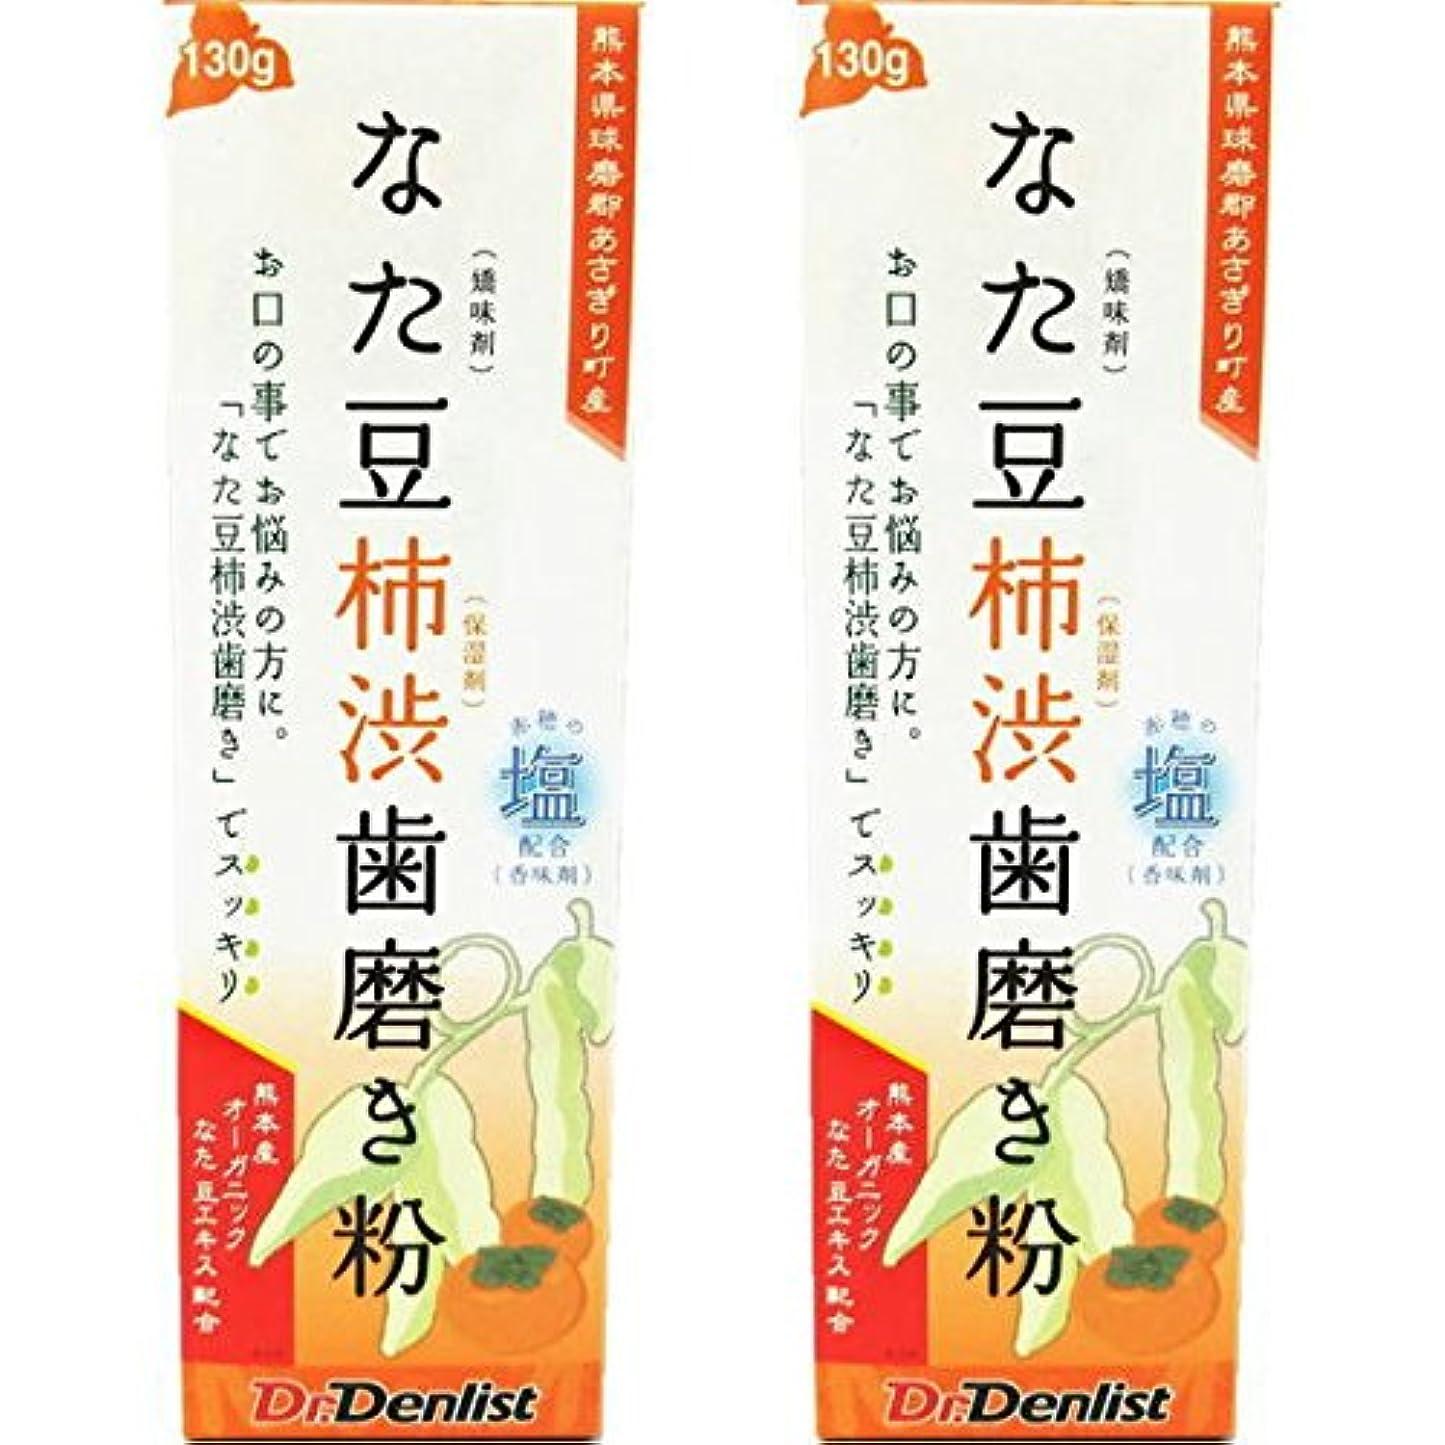 チェリー時制傾いたなた豆柿渋歯磨き 130g 2個セット 国産 有機なた豆使用 赤穂の塩配合(香味剤)